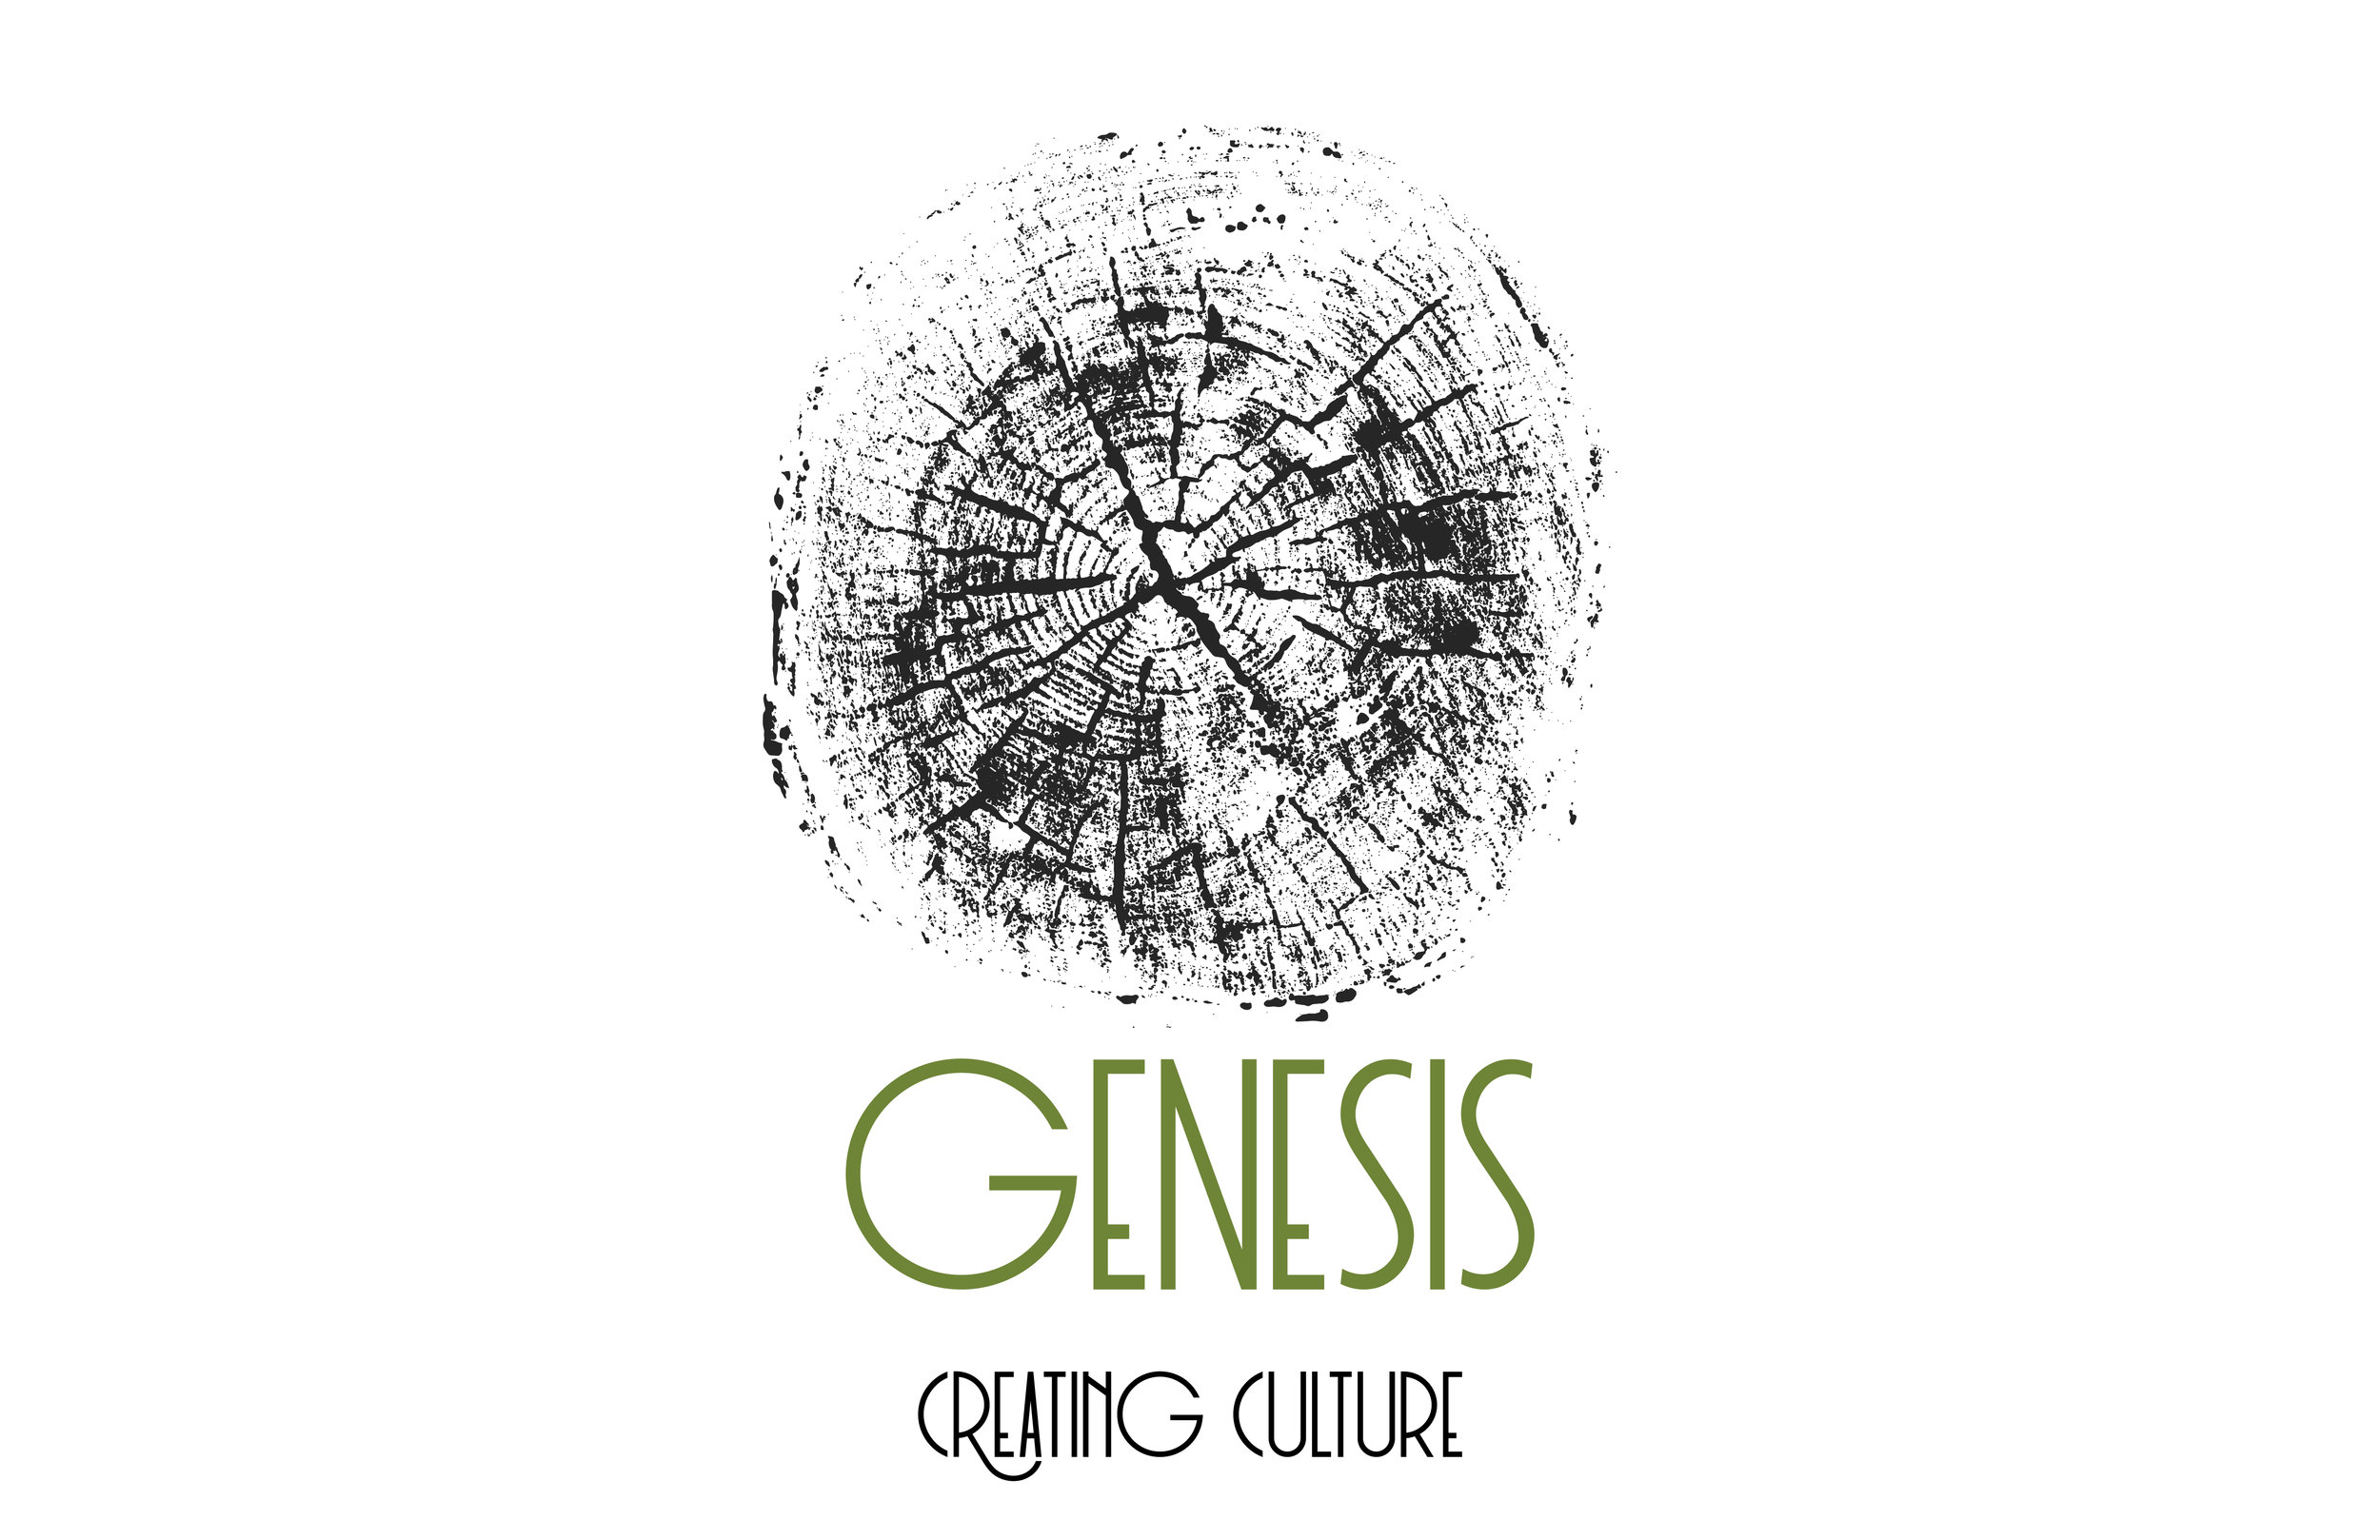 Genesis Final-02.jpg